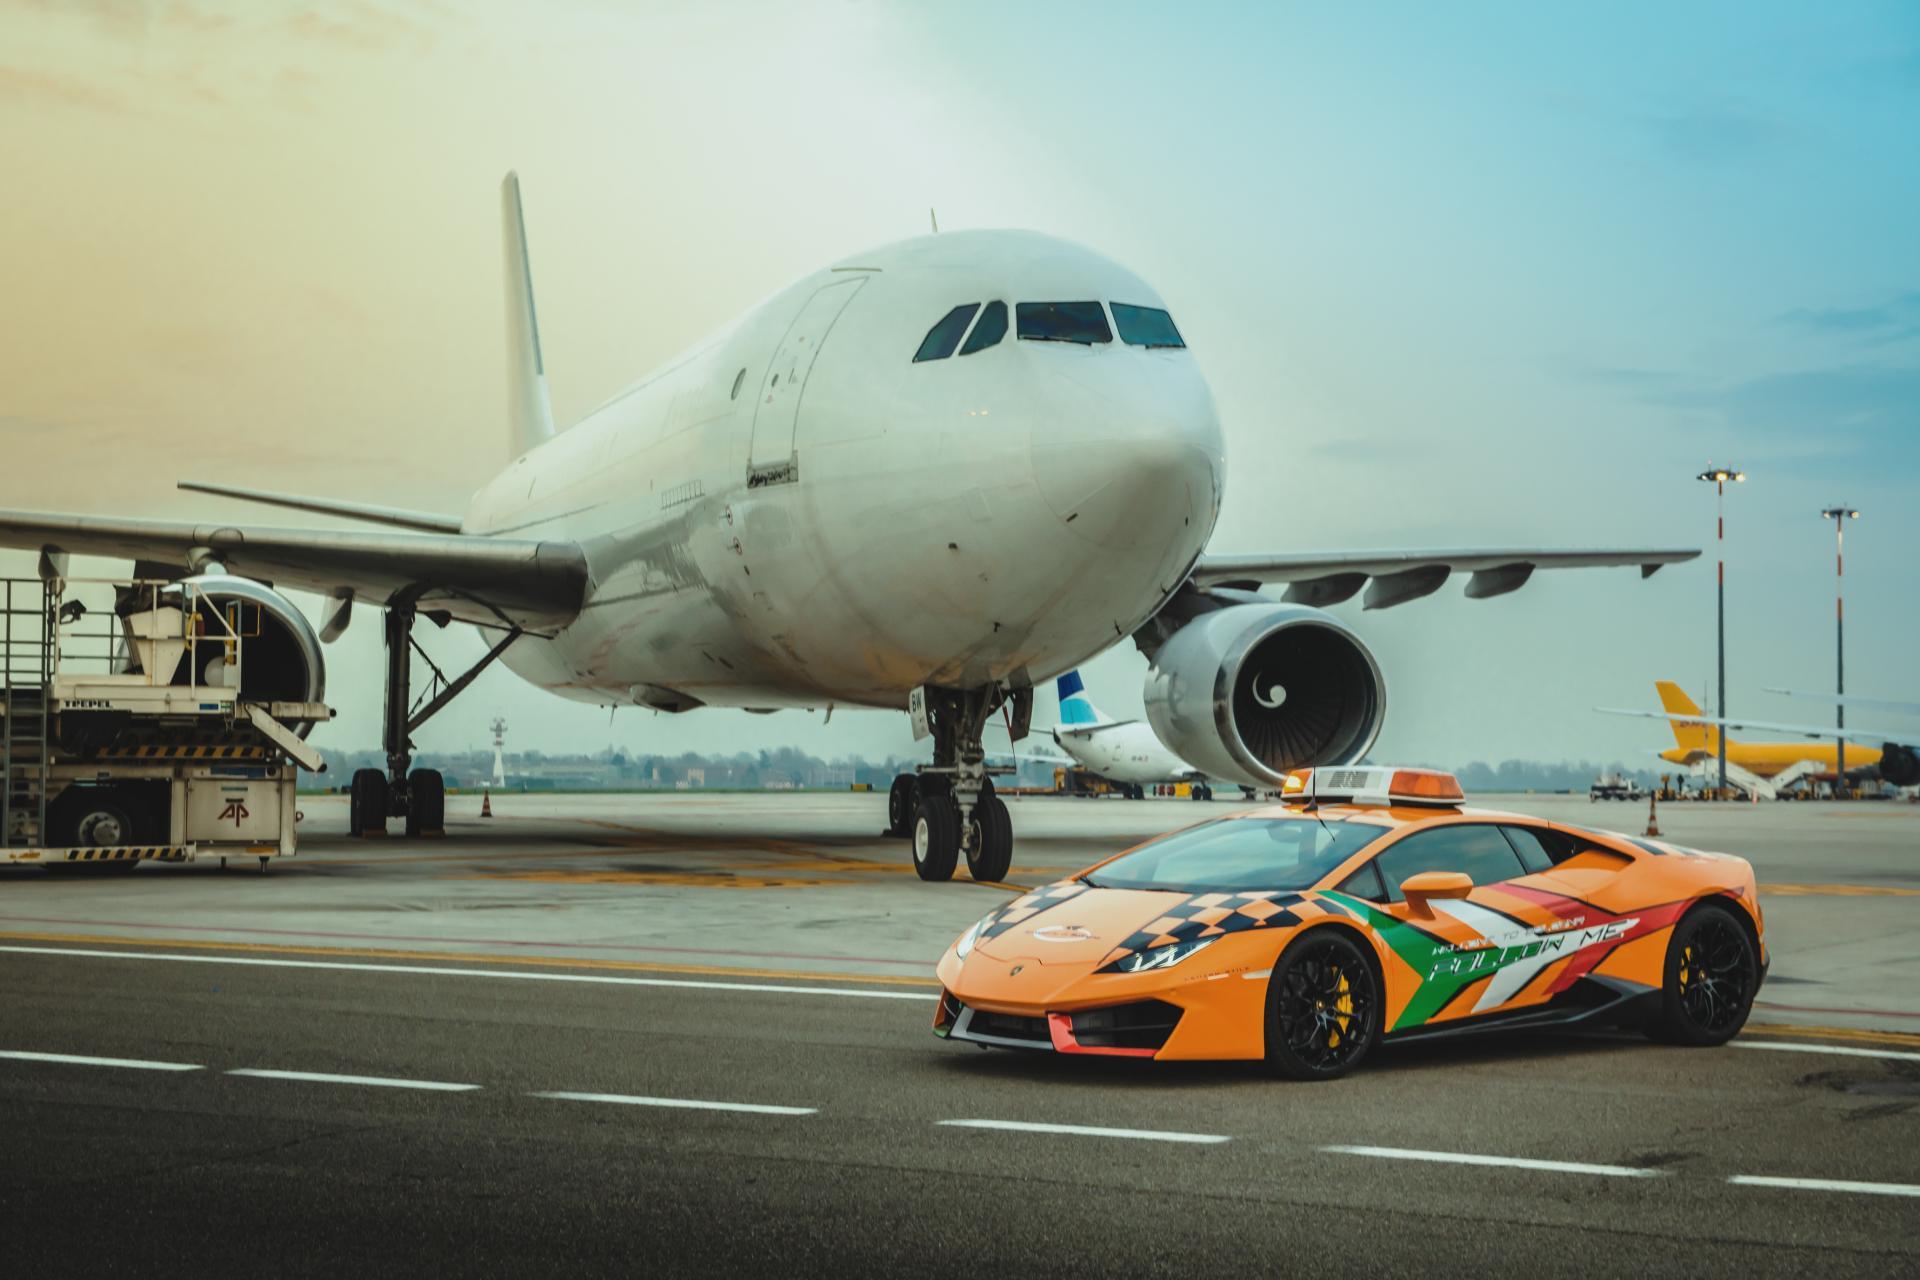 Lamborghini-Huracan-RWD-Follow-Me-Car-Bologna-Airport-3